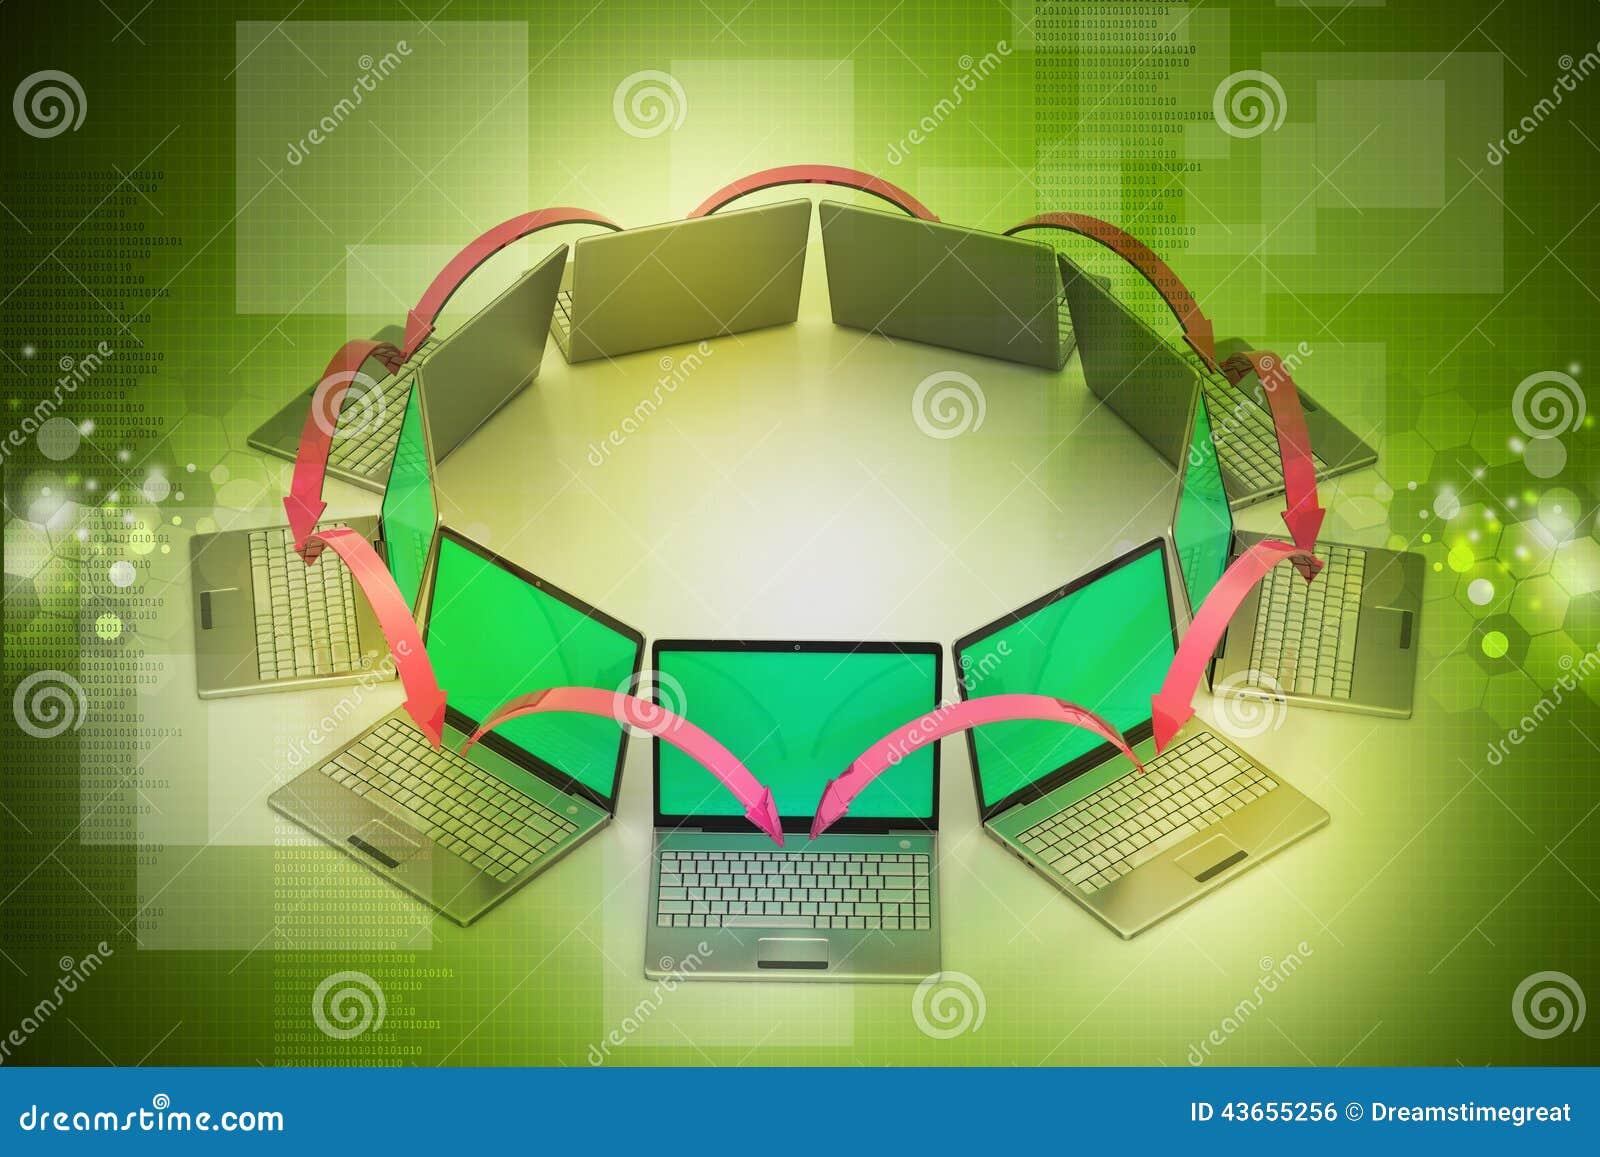 Laptop voorzien van een netwerkcirkel stock illustratie afbeelding 43655256 - Een wasruimte voorzien ...